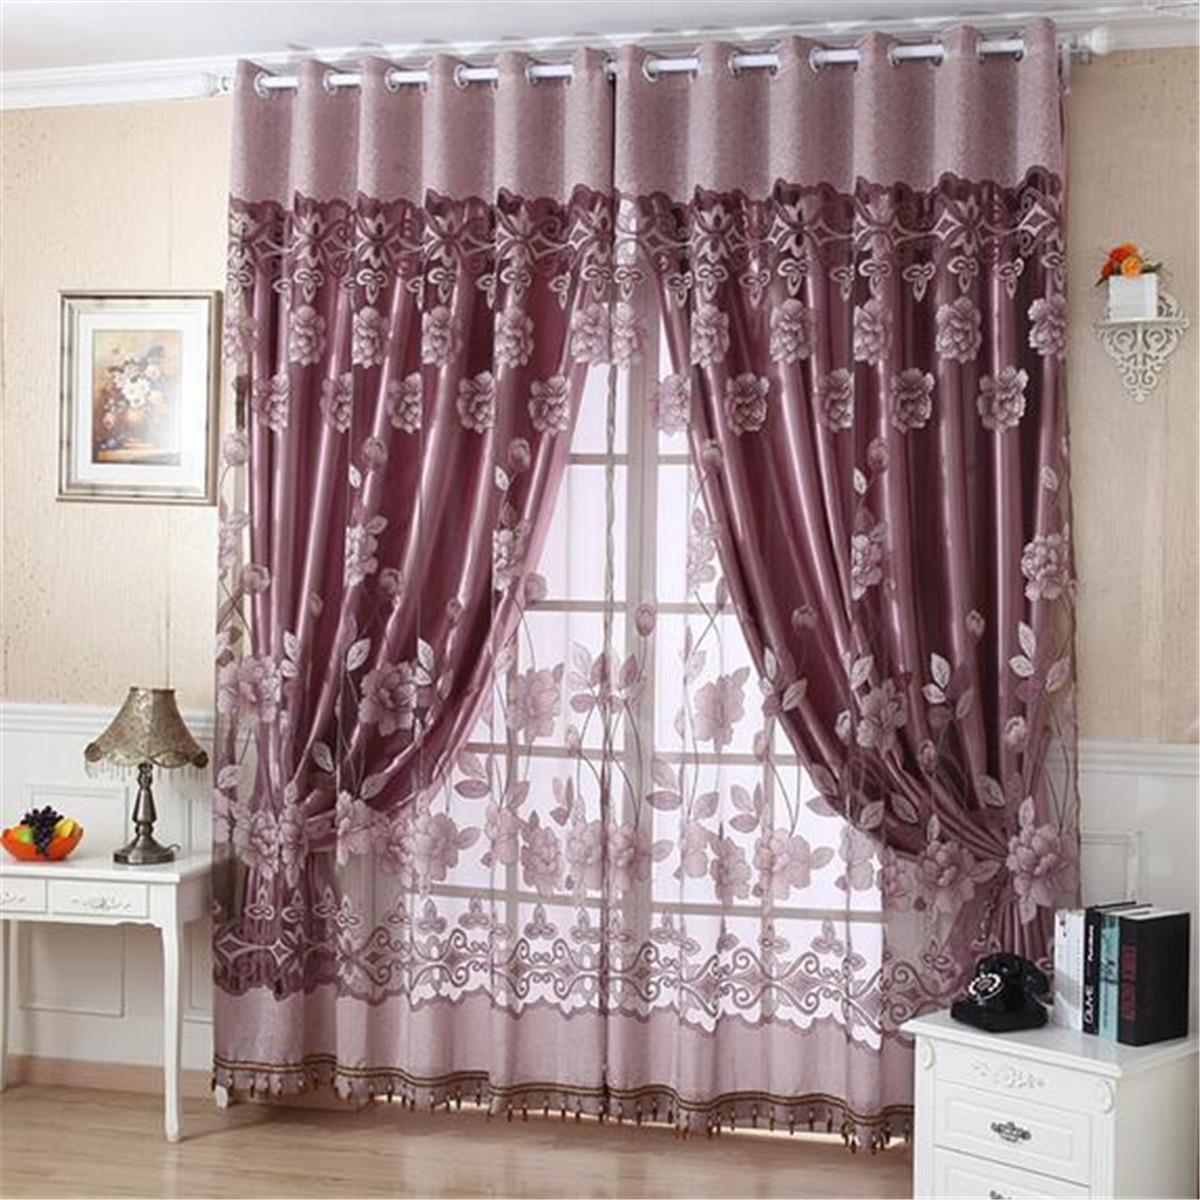 euro style organza tulle cortina puerta cortina de ventana de inicio decorar saln estampado de flores